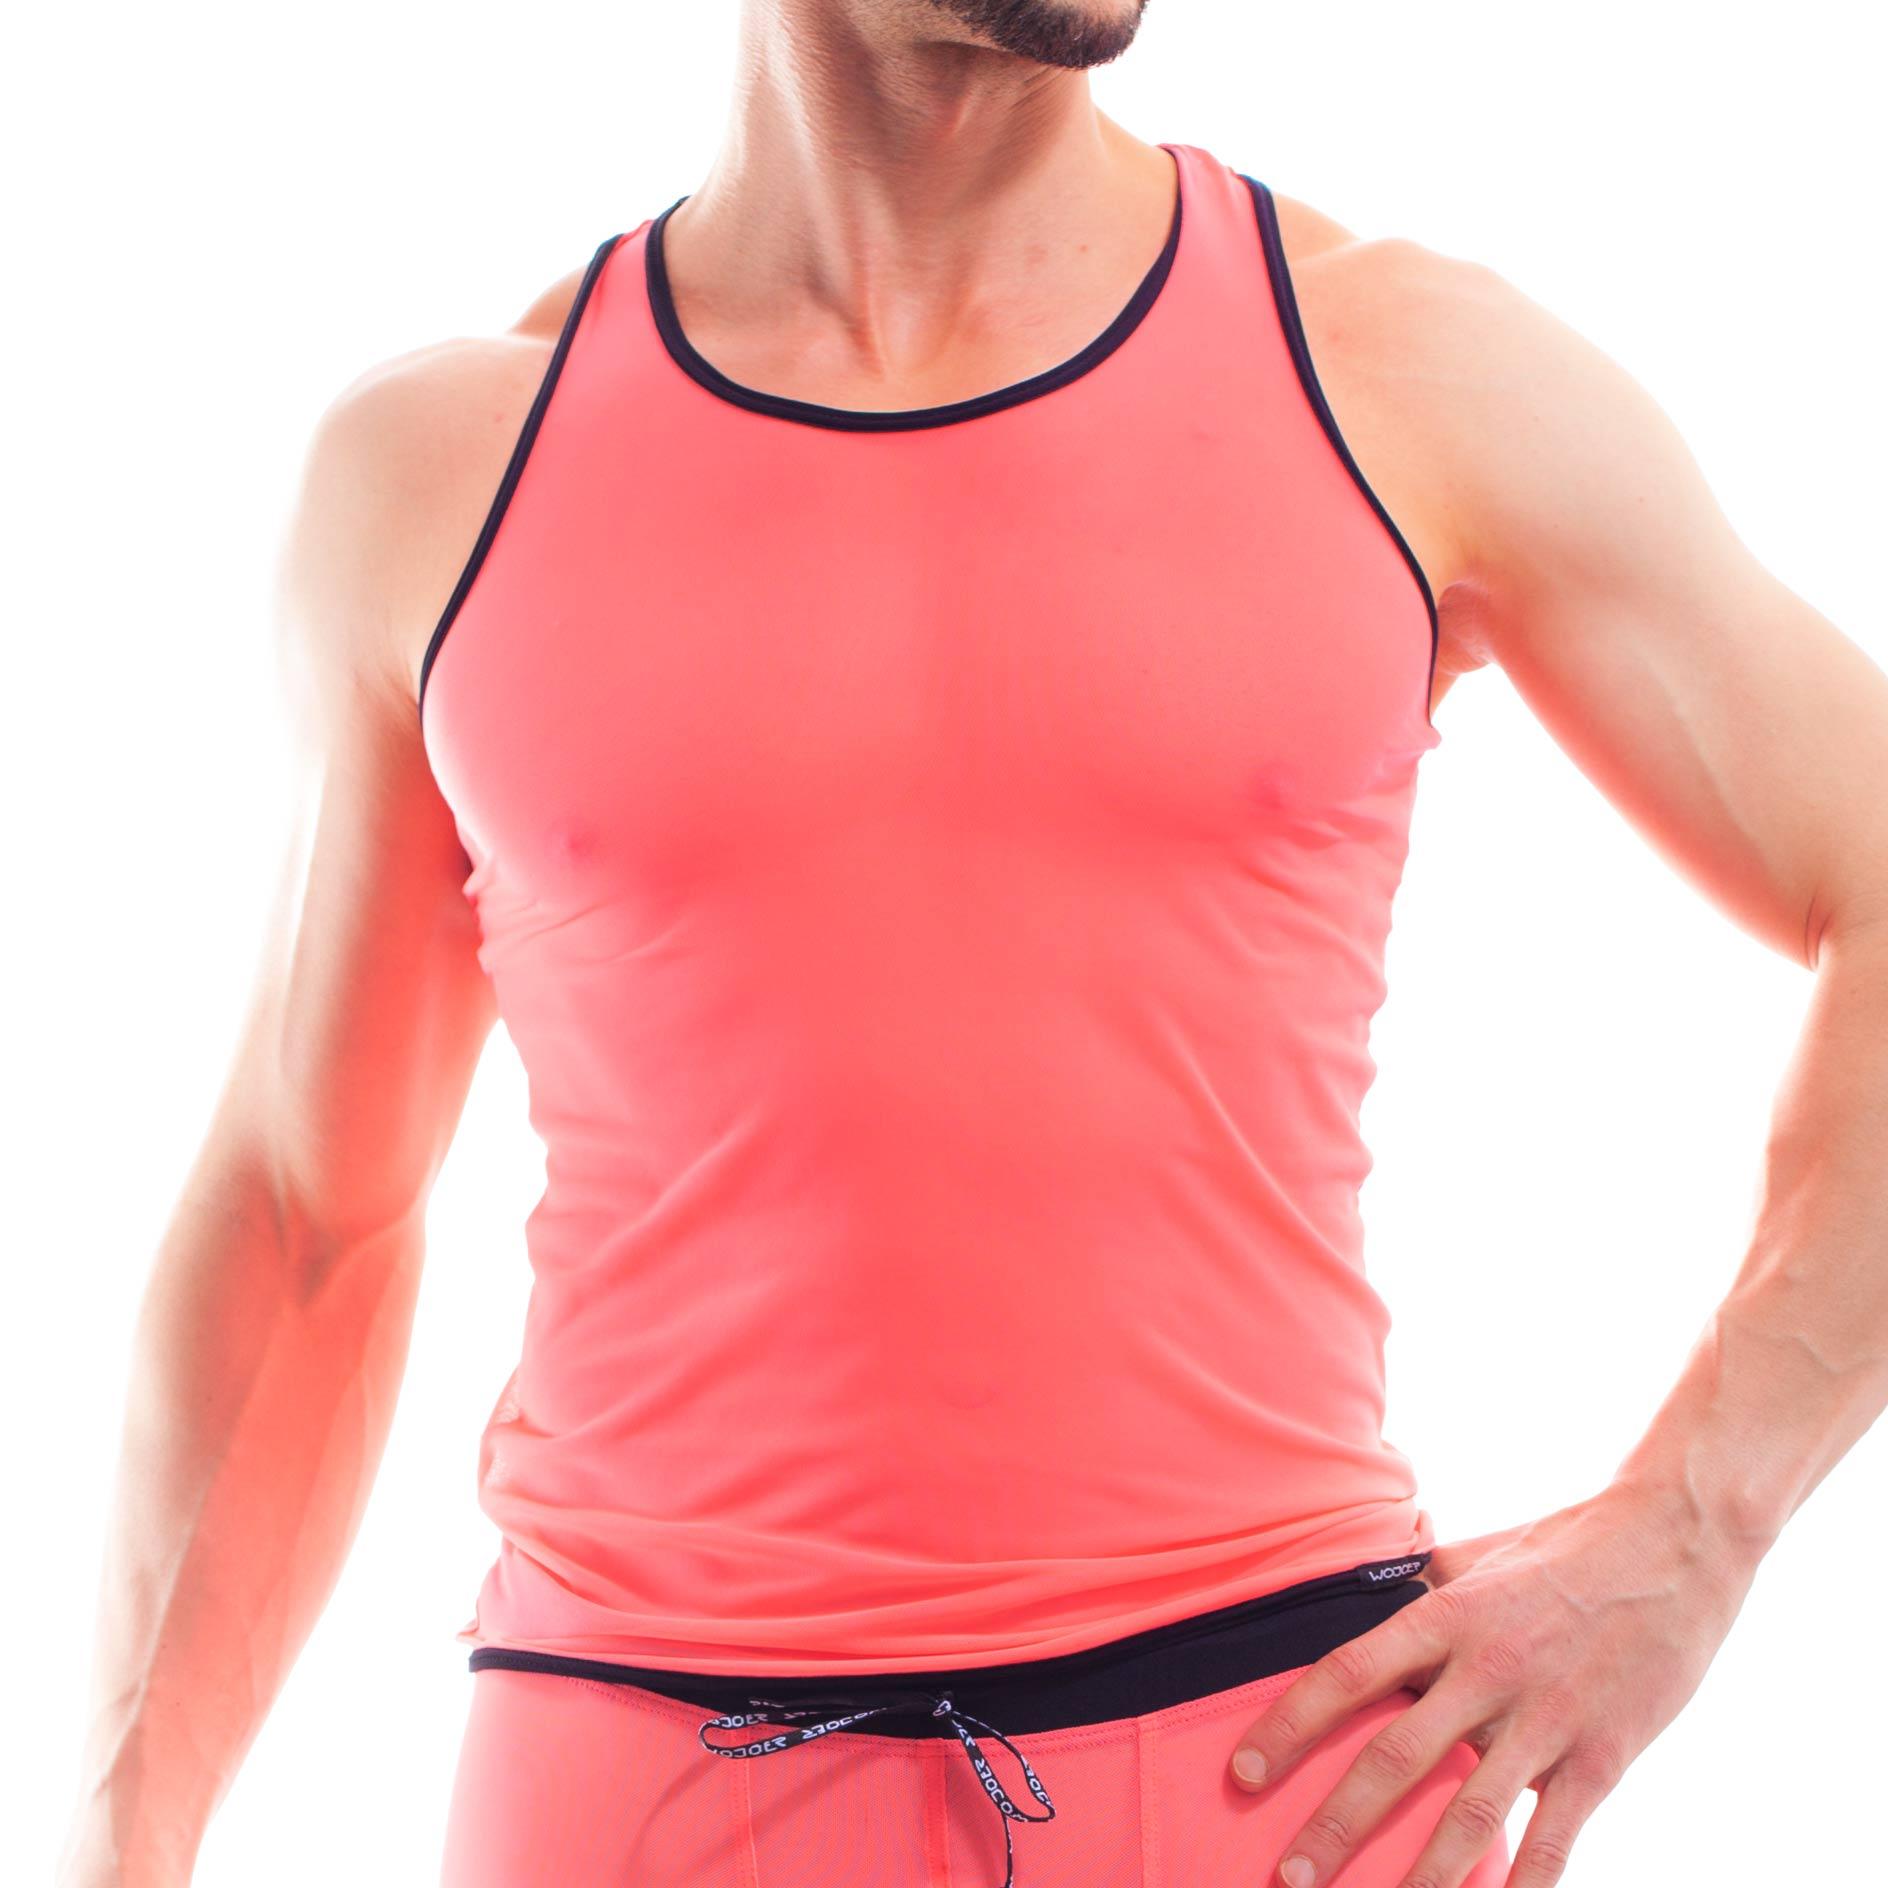 Die Coral Net Muscel Shirt 393T272 gehören zu den Wojoer LIVE-Produkten. Sie werden ab Bestellung bei uns produziert. So können wir auf Kundenwünsche individuell eingehen. Größen Erhältlich in den Größen S, M, L, XL Materialzusammensetzung 94% Polyester | 6% Elasthan | 82% Polyamid |…